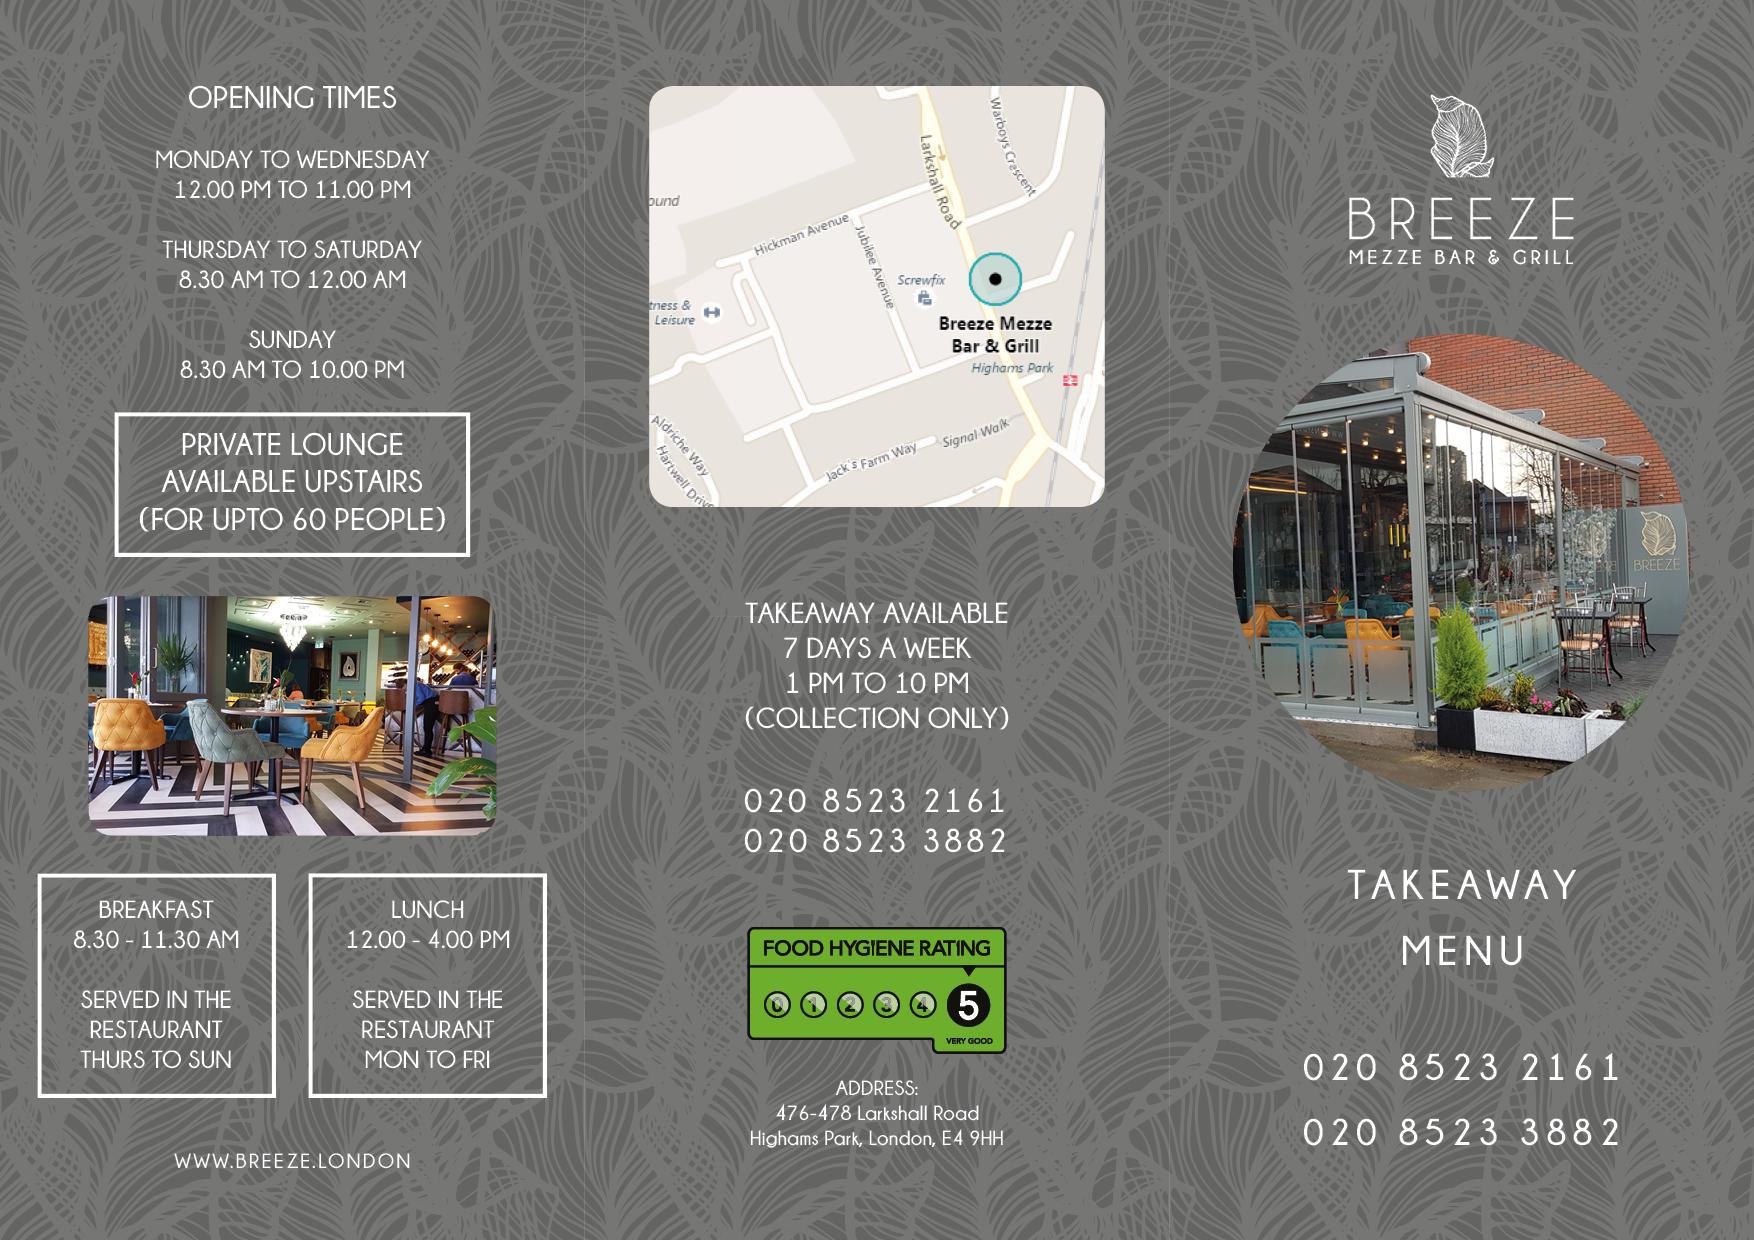 Breeze Restaurant London Highams Park Takeaway Website March 2018